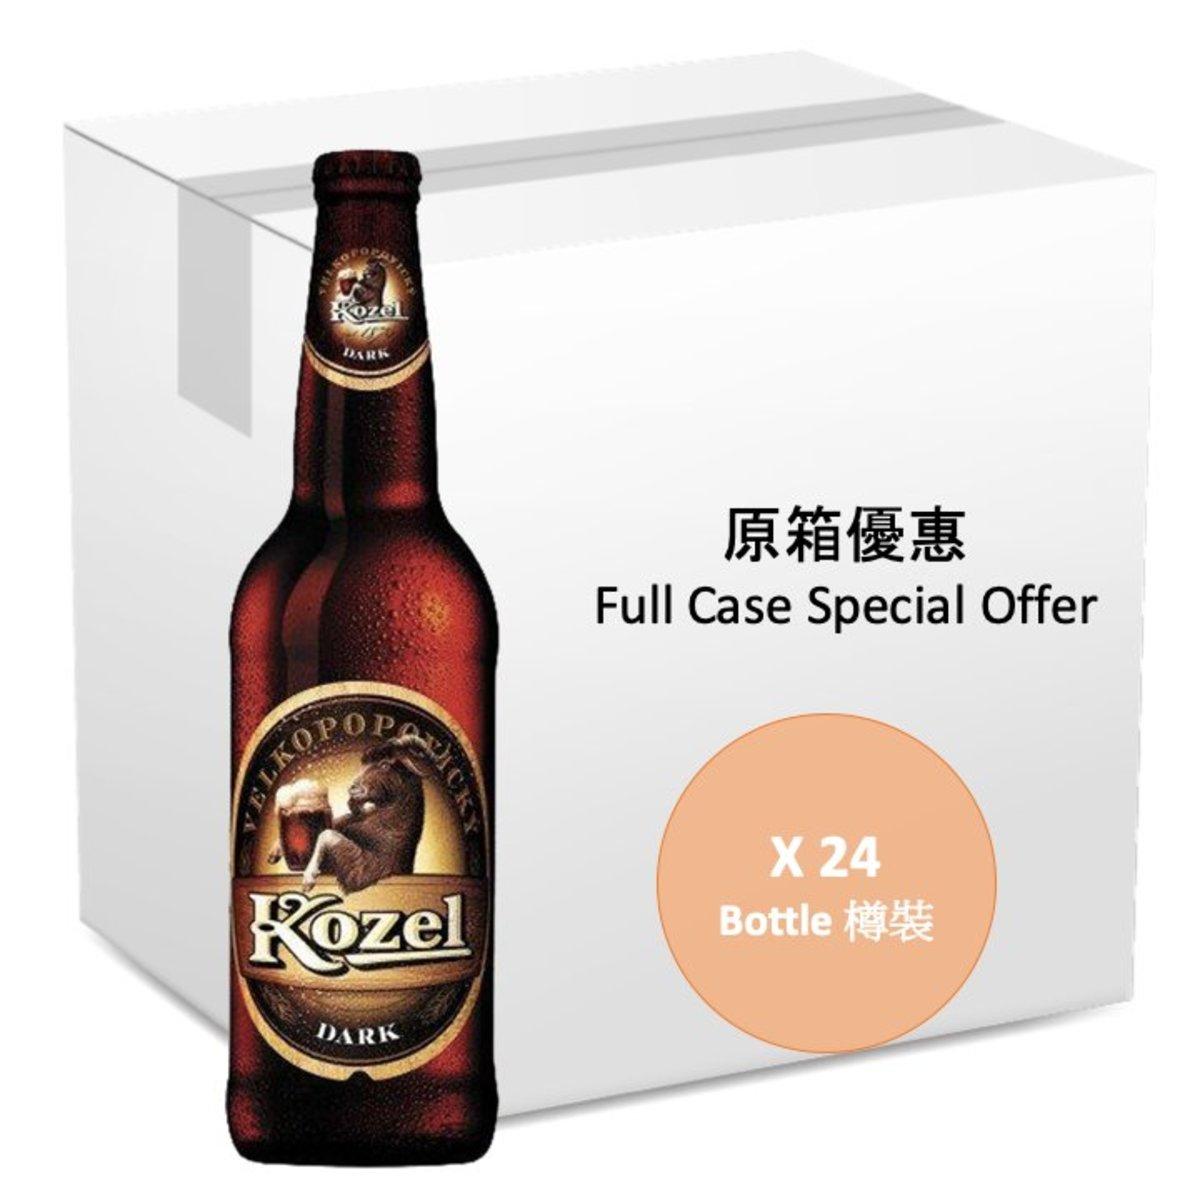 [原箱]黑拉格啤酒